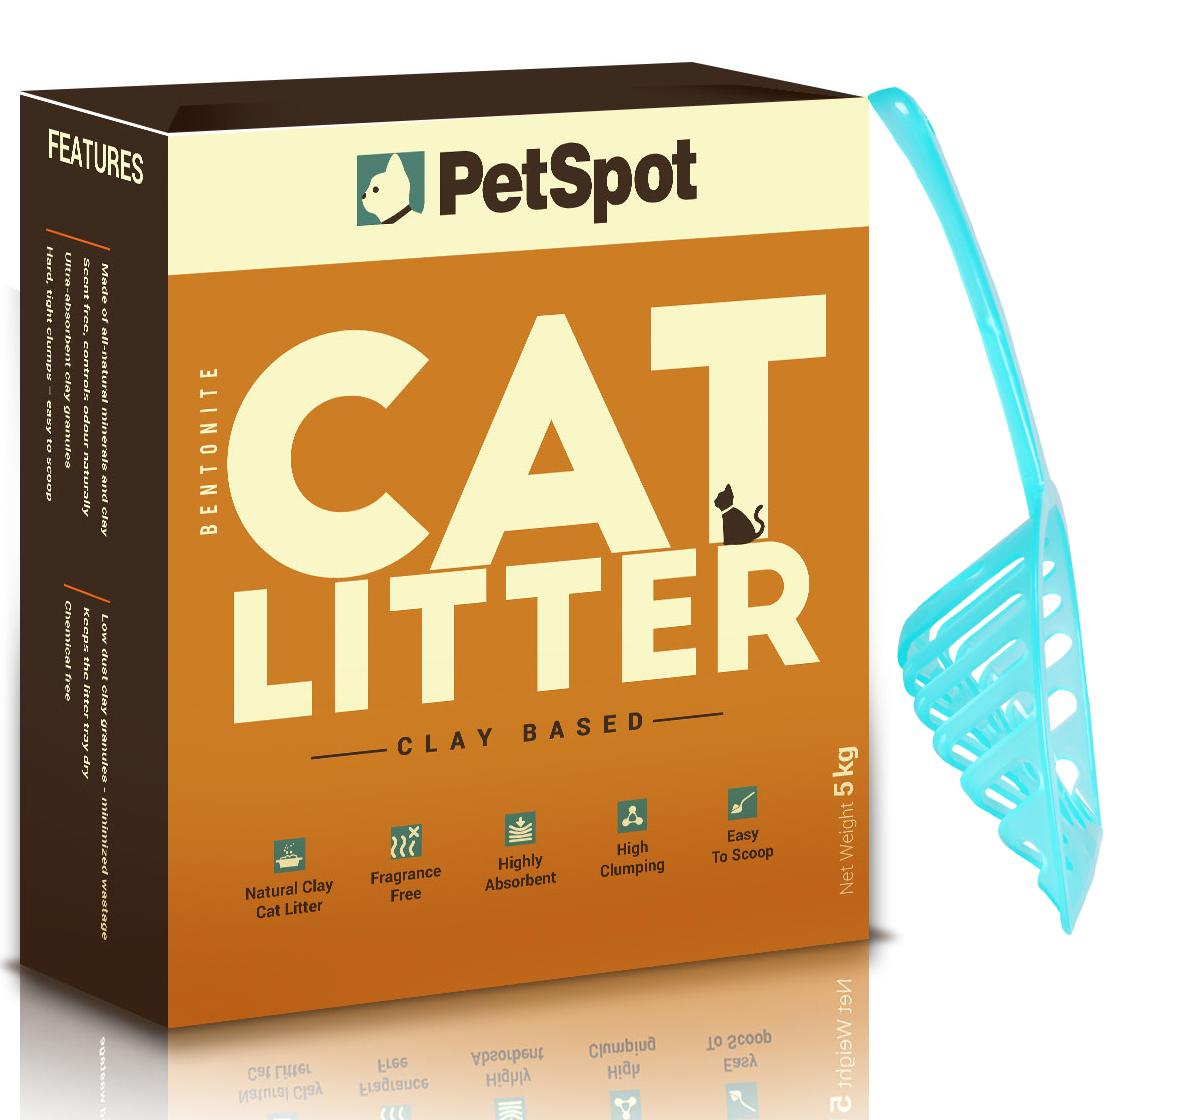 PetSpot Cat Litter - 5 kg with fresh kitty litter scoop